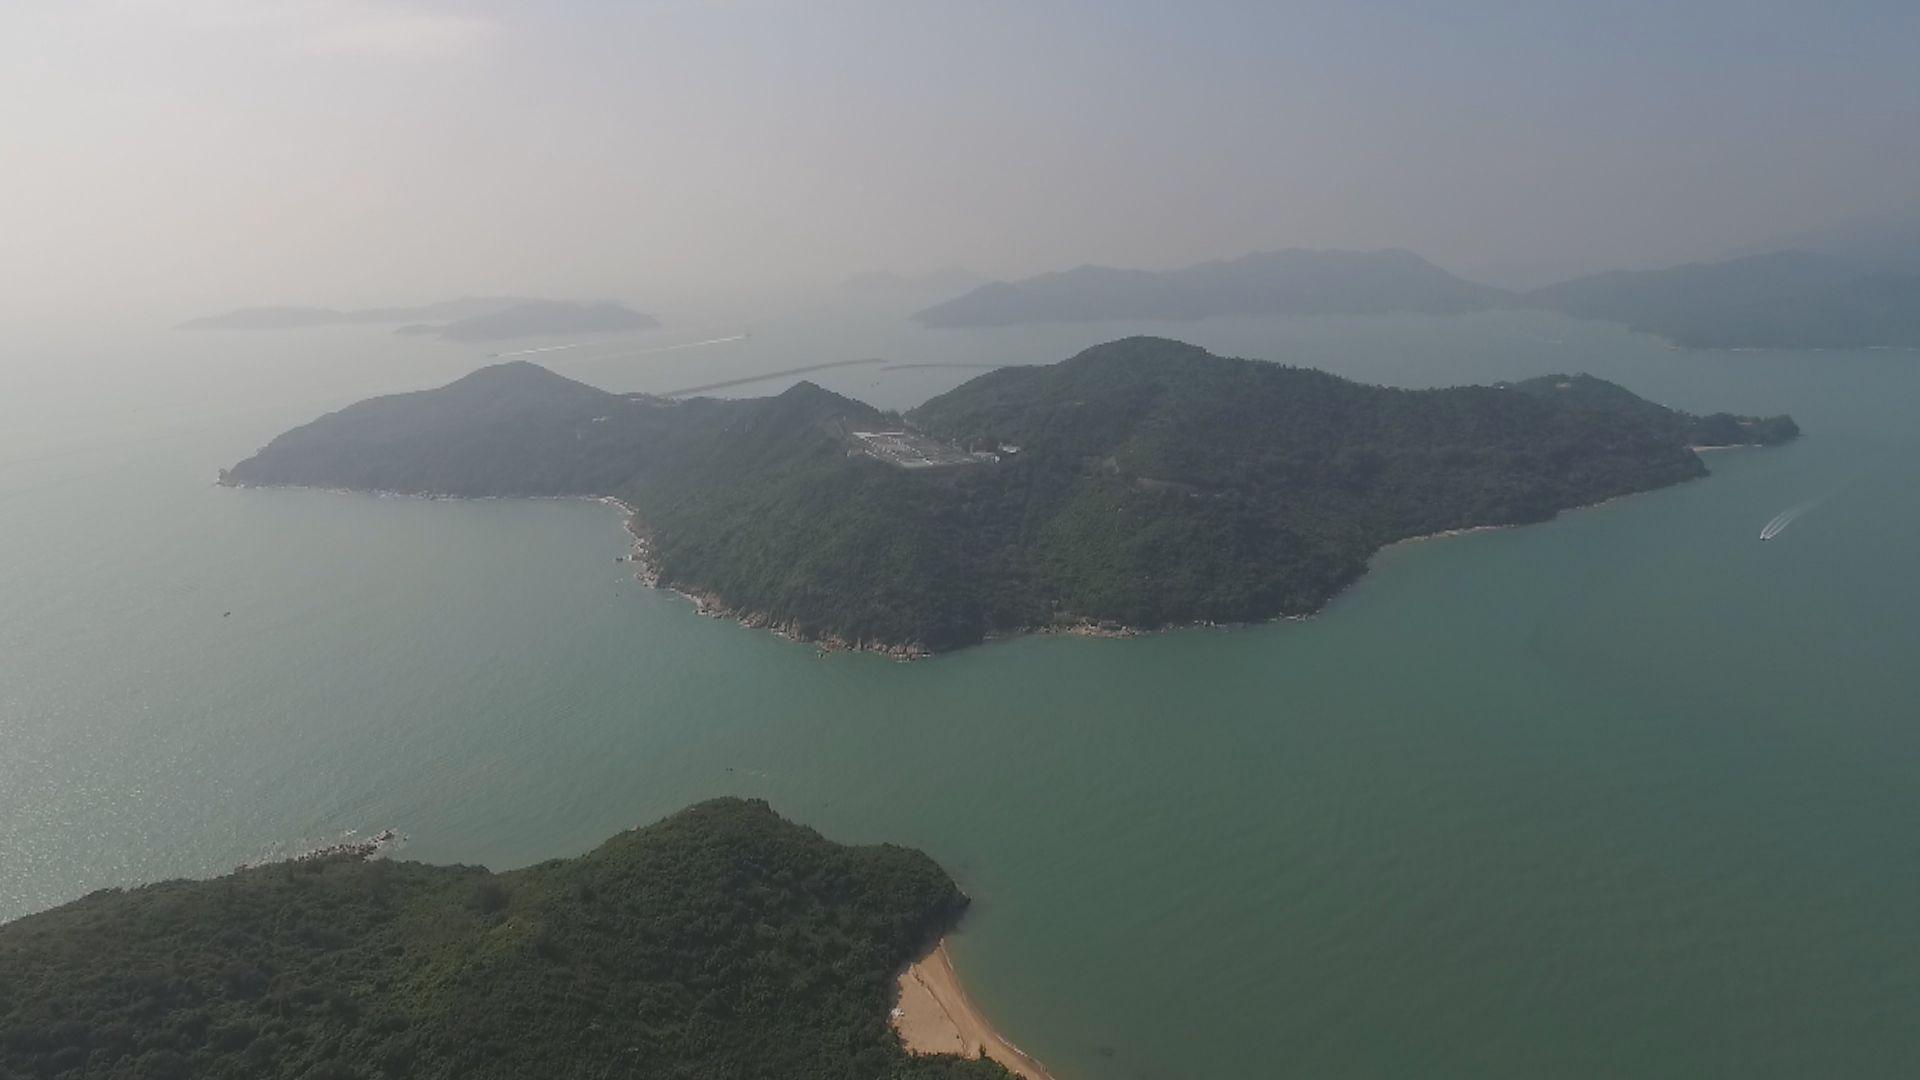 【2.2億元】政府批中部水域人工島研究顧問合約 料42個月內完成